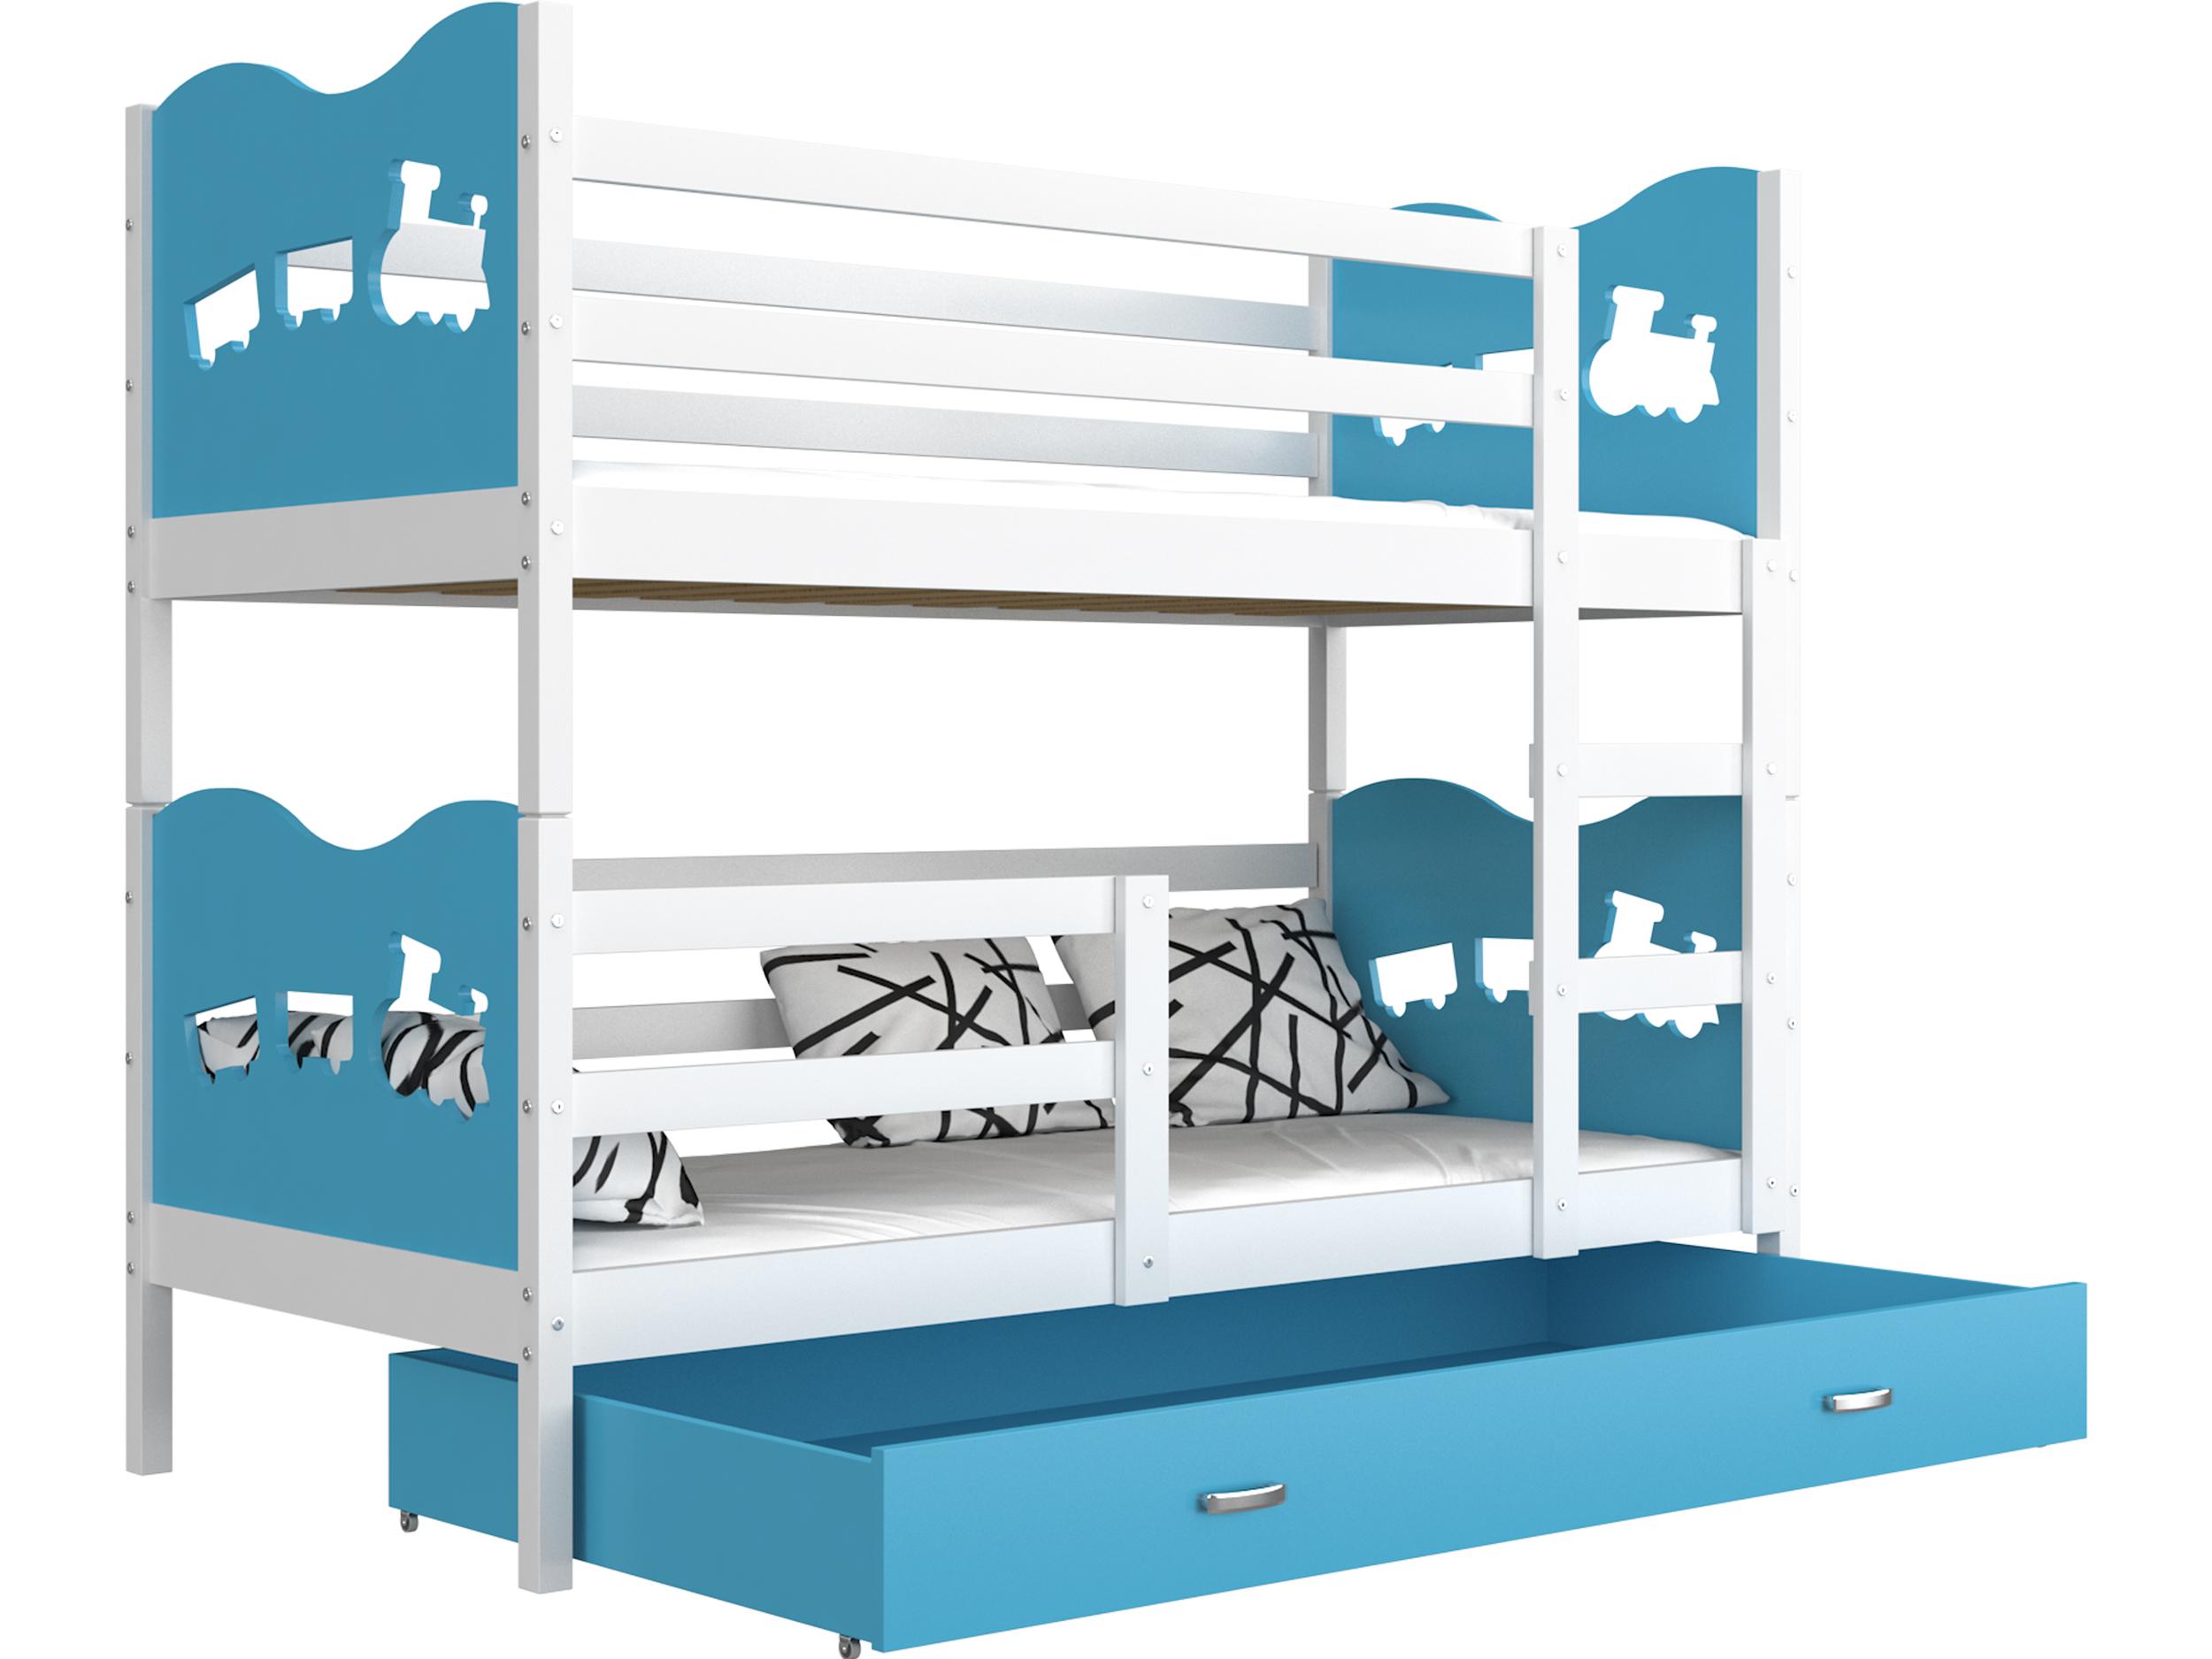 ArtAJ Detská poschodová posteľ MAX / MDF 200 x 90 cm Farba: biela / modrá, s matracom 200 x 90 cm